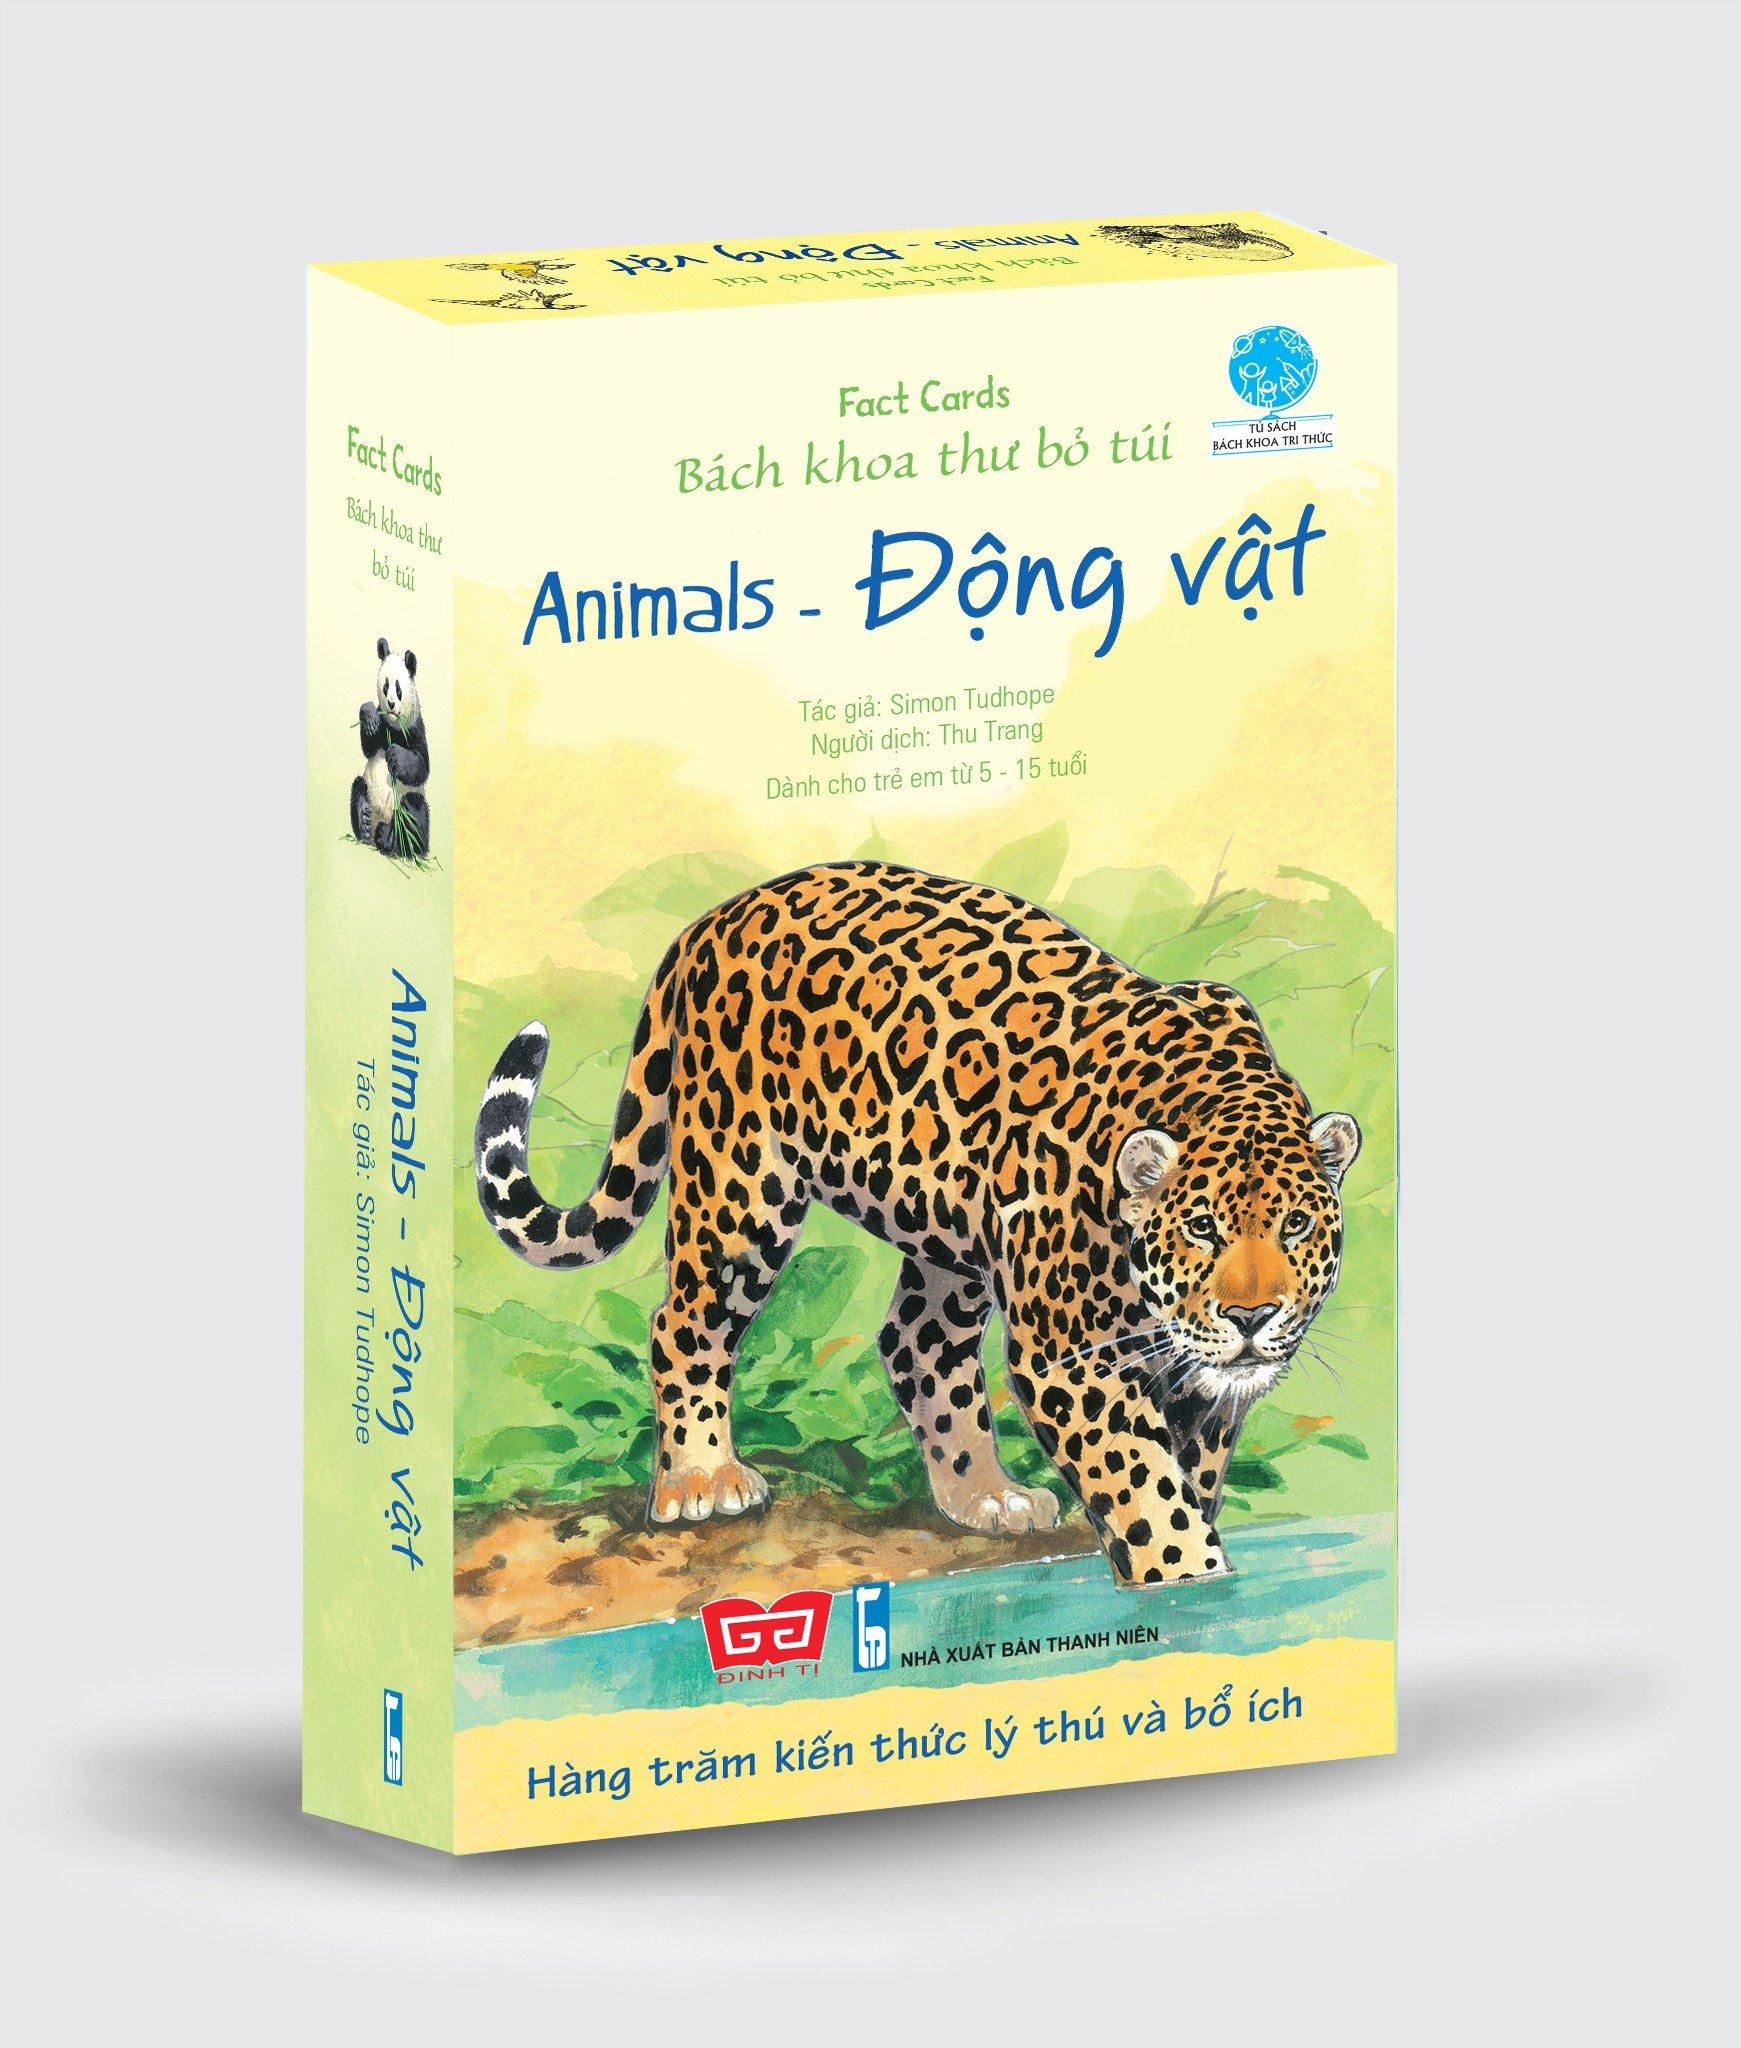 Fact cards - Bách khoa thư bỏ túi - Animals - Động vật